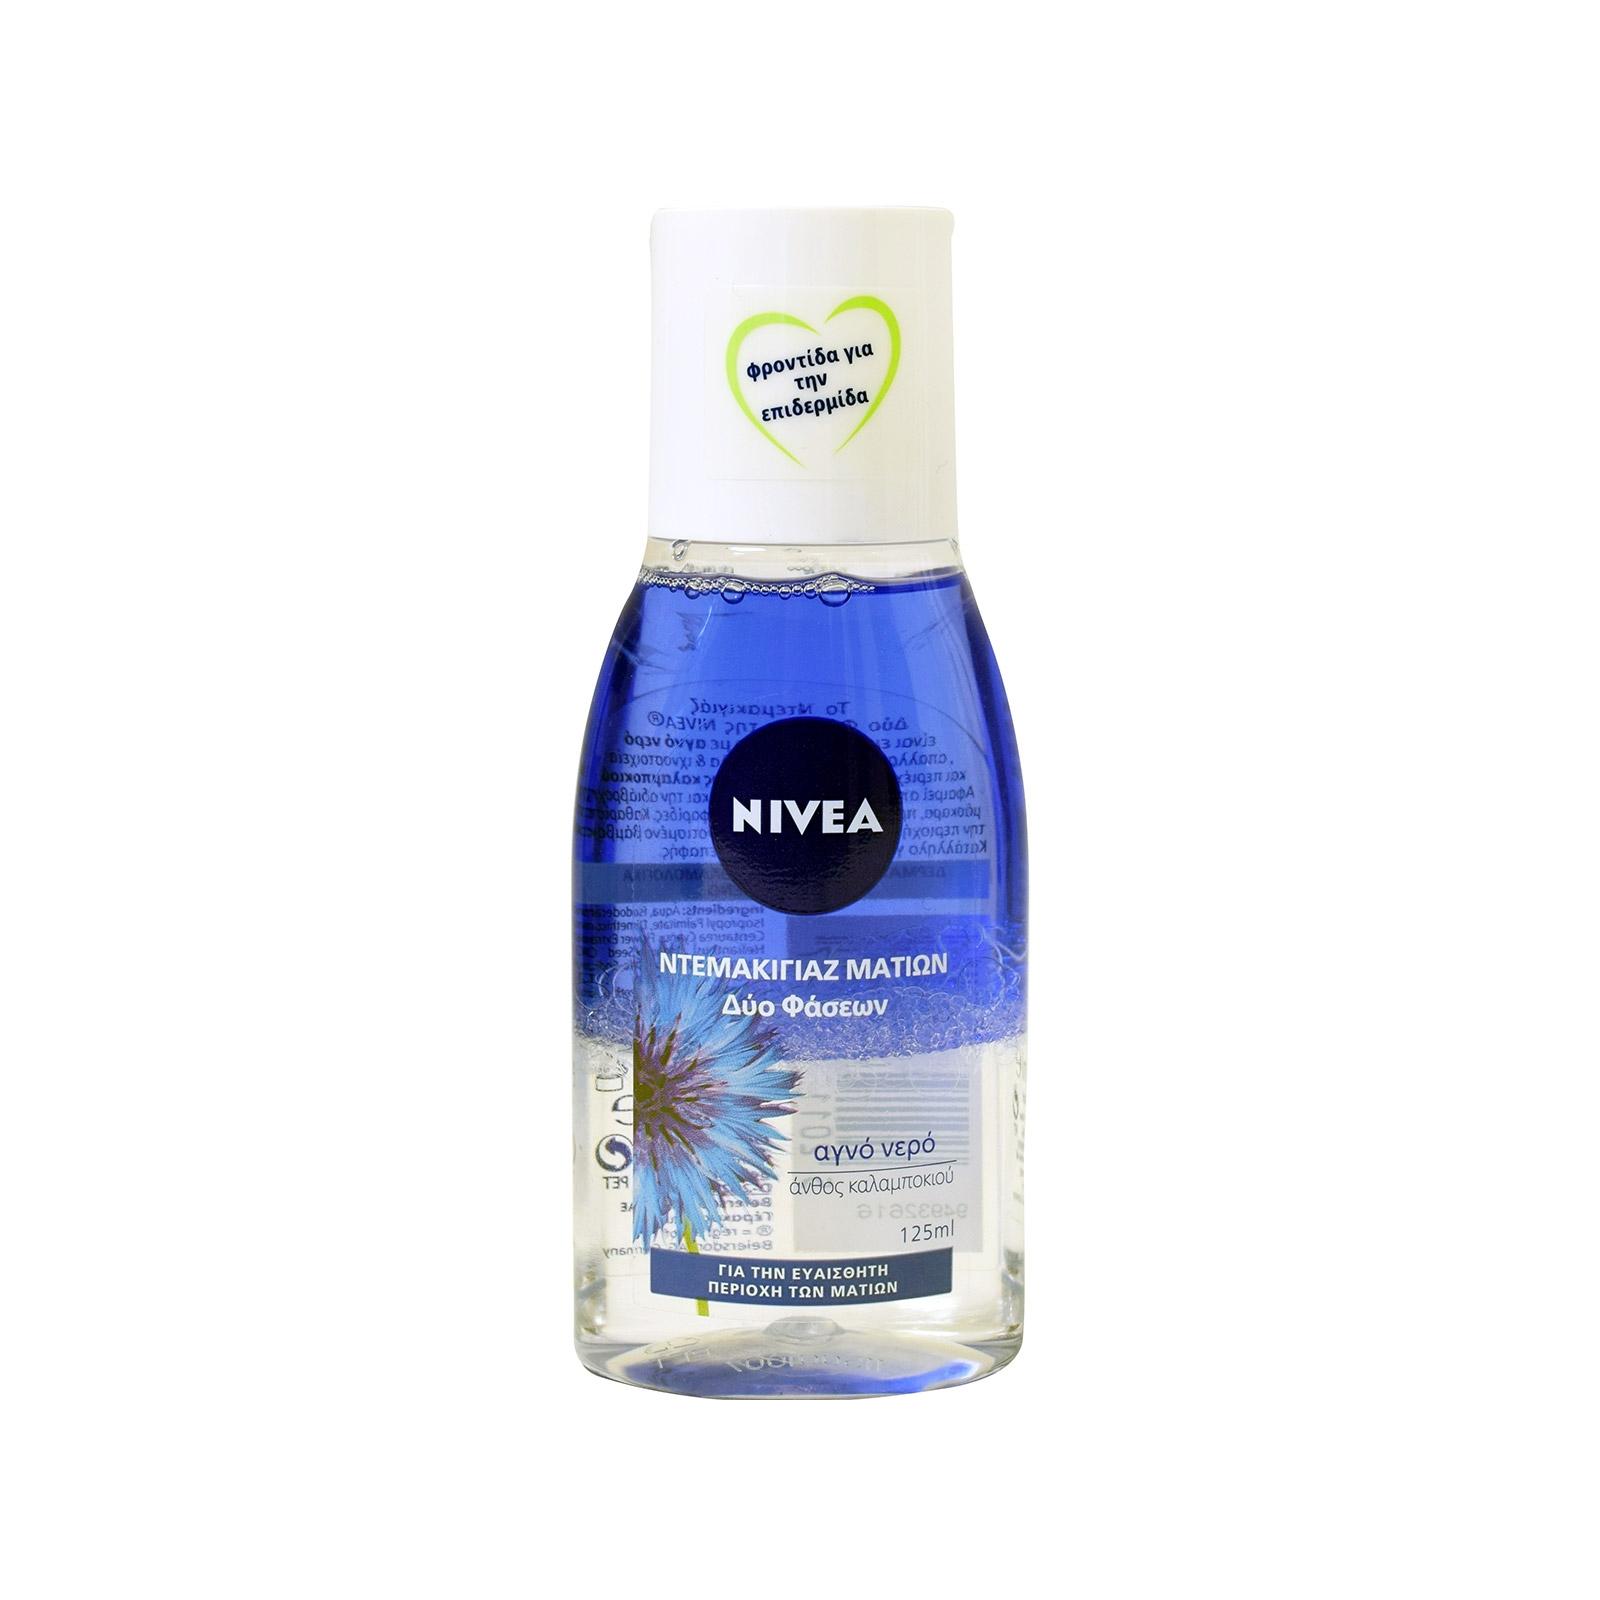 Νερό Ντεμακιγιάζ Διφασικό Ματιών Nivea (125ml)